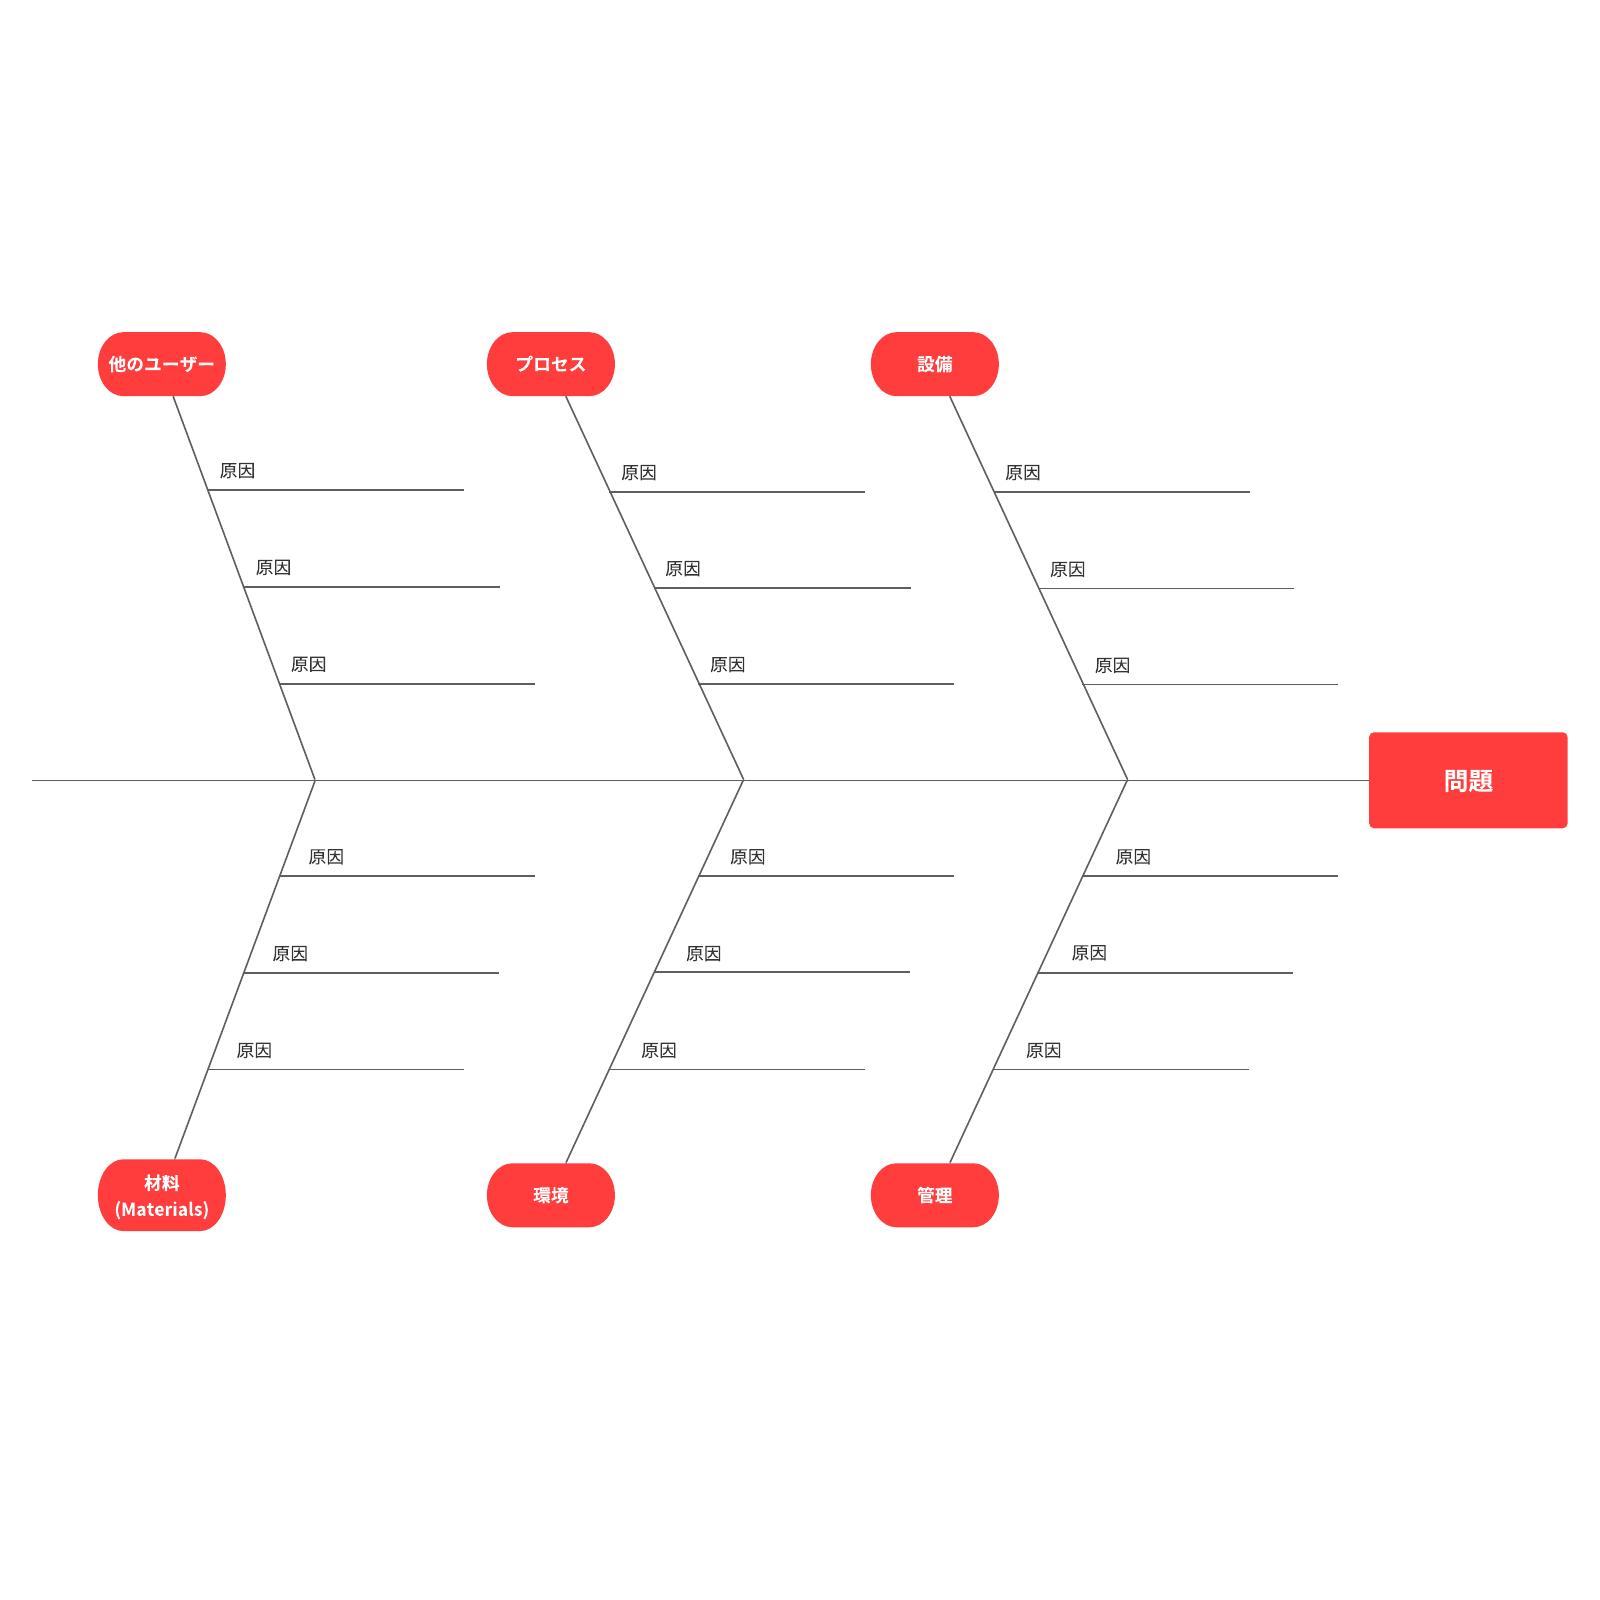 フィッシュボーン図・特性要因図テンプレート